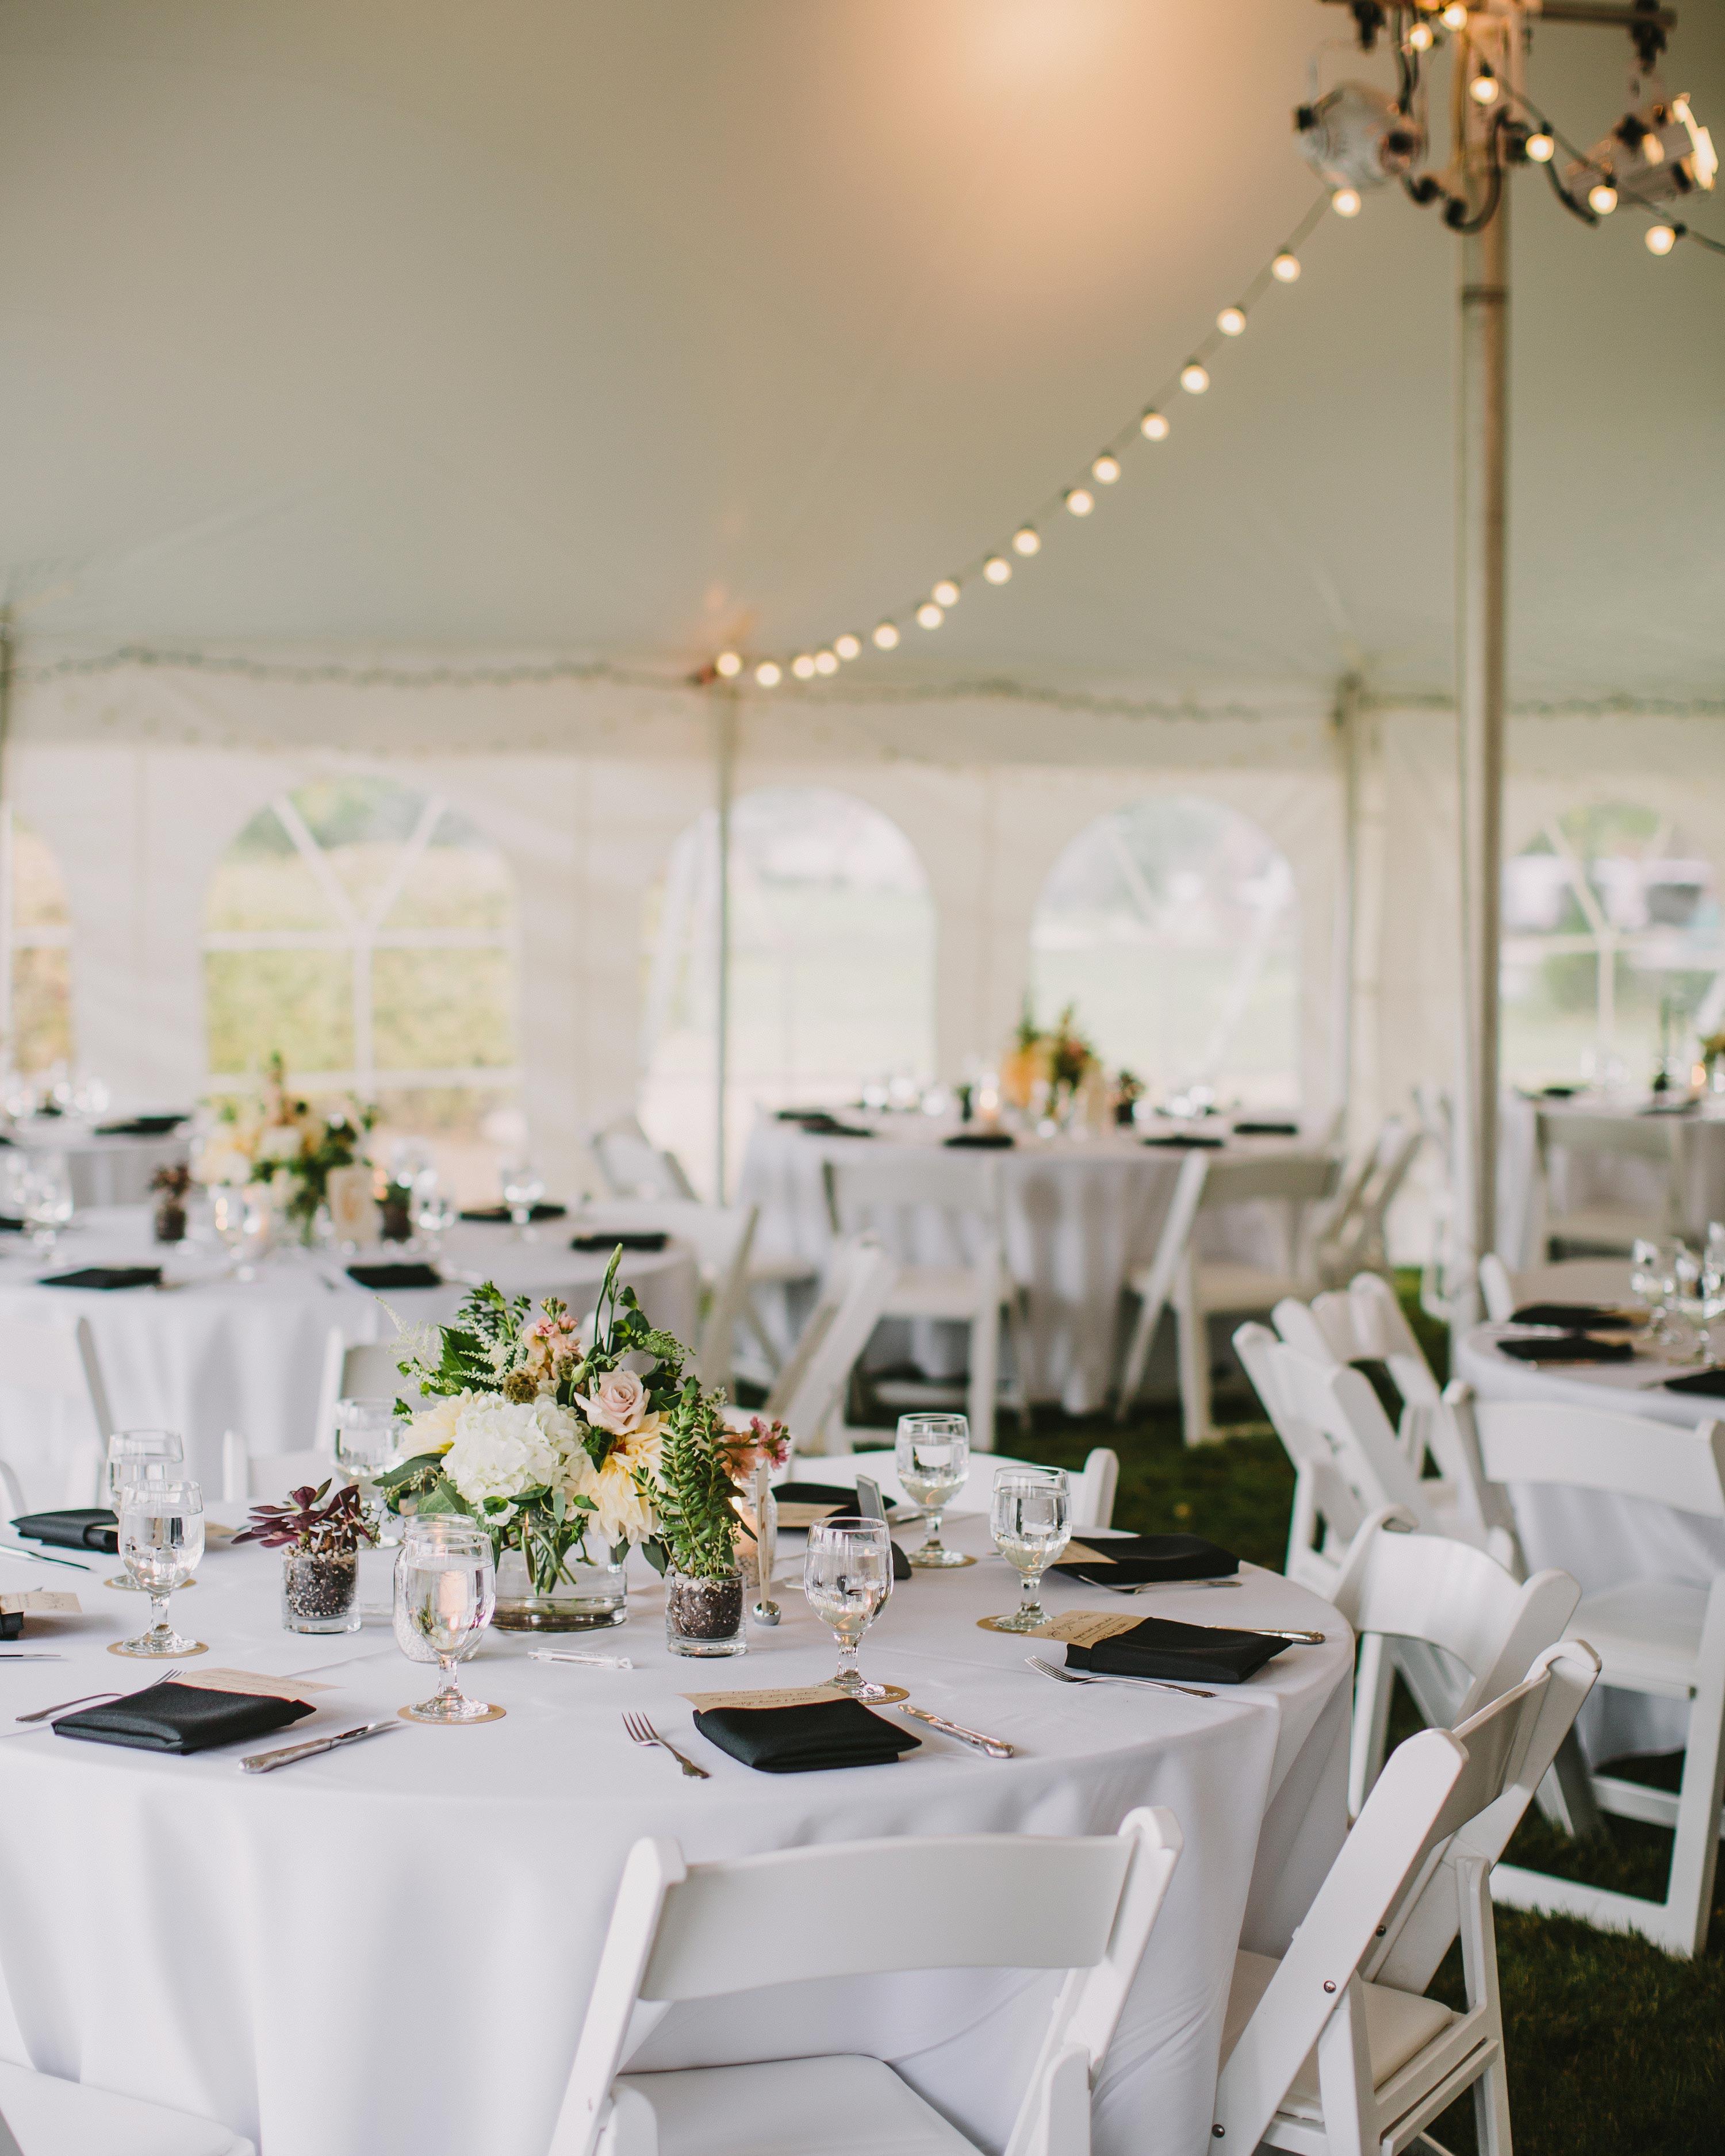 kristen-steve-wedding-tent-007-s113058-0616.jpg